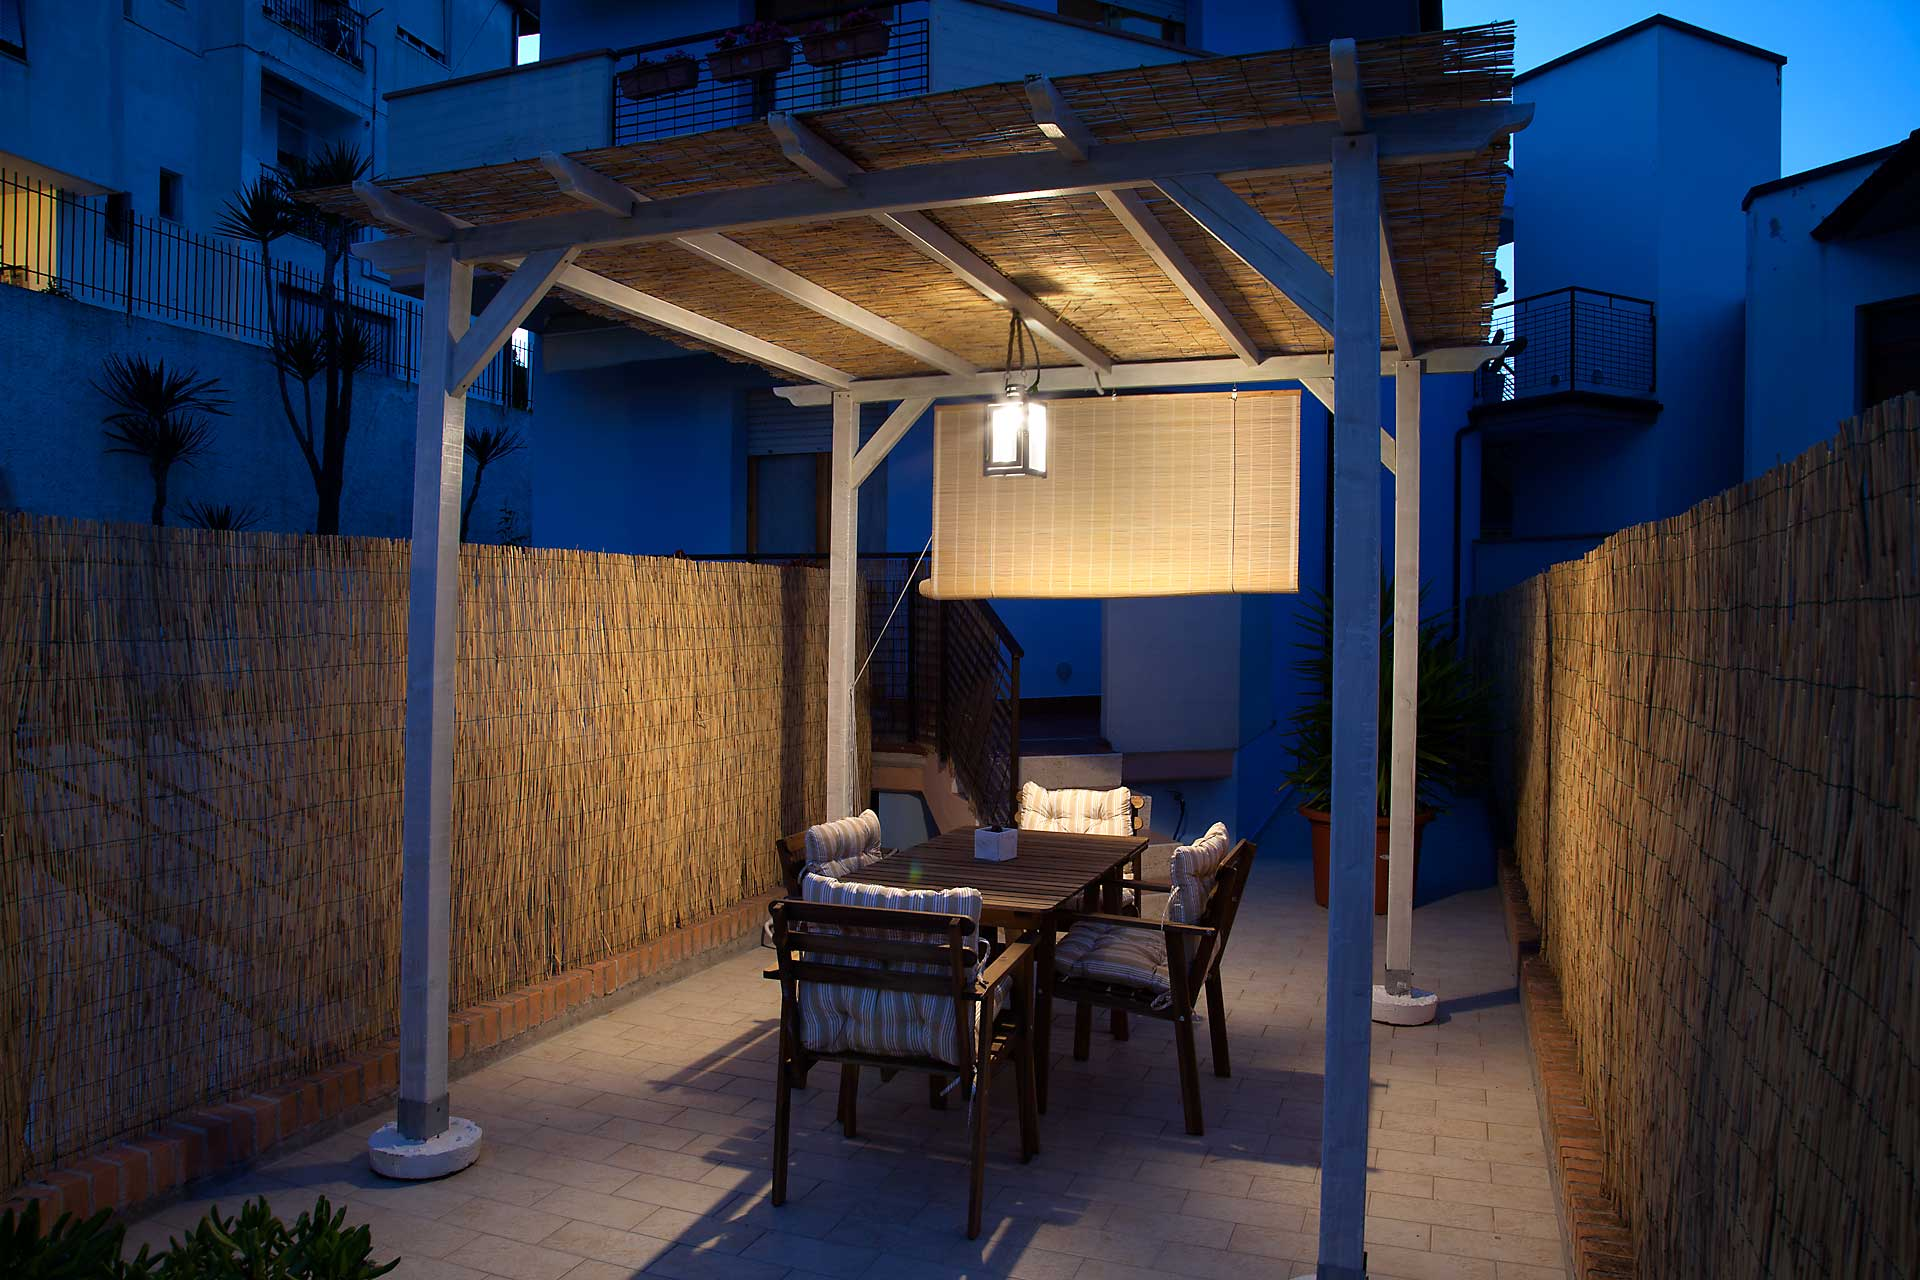 SiroloMyHouse-appartamento-gazebo-notte